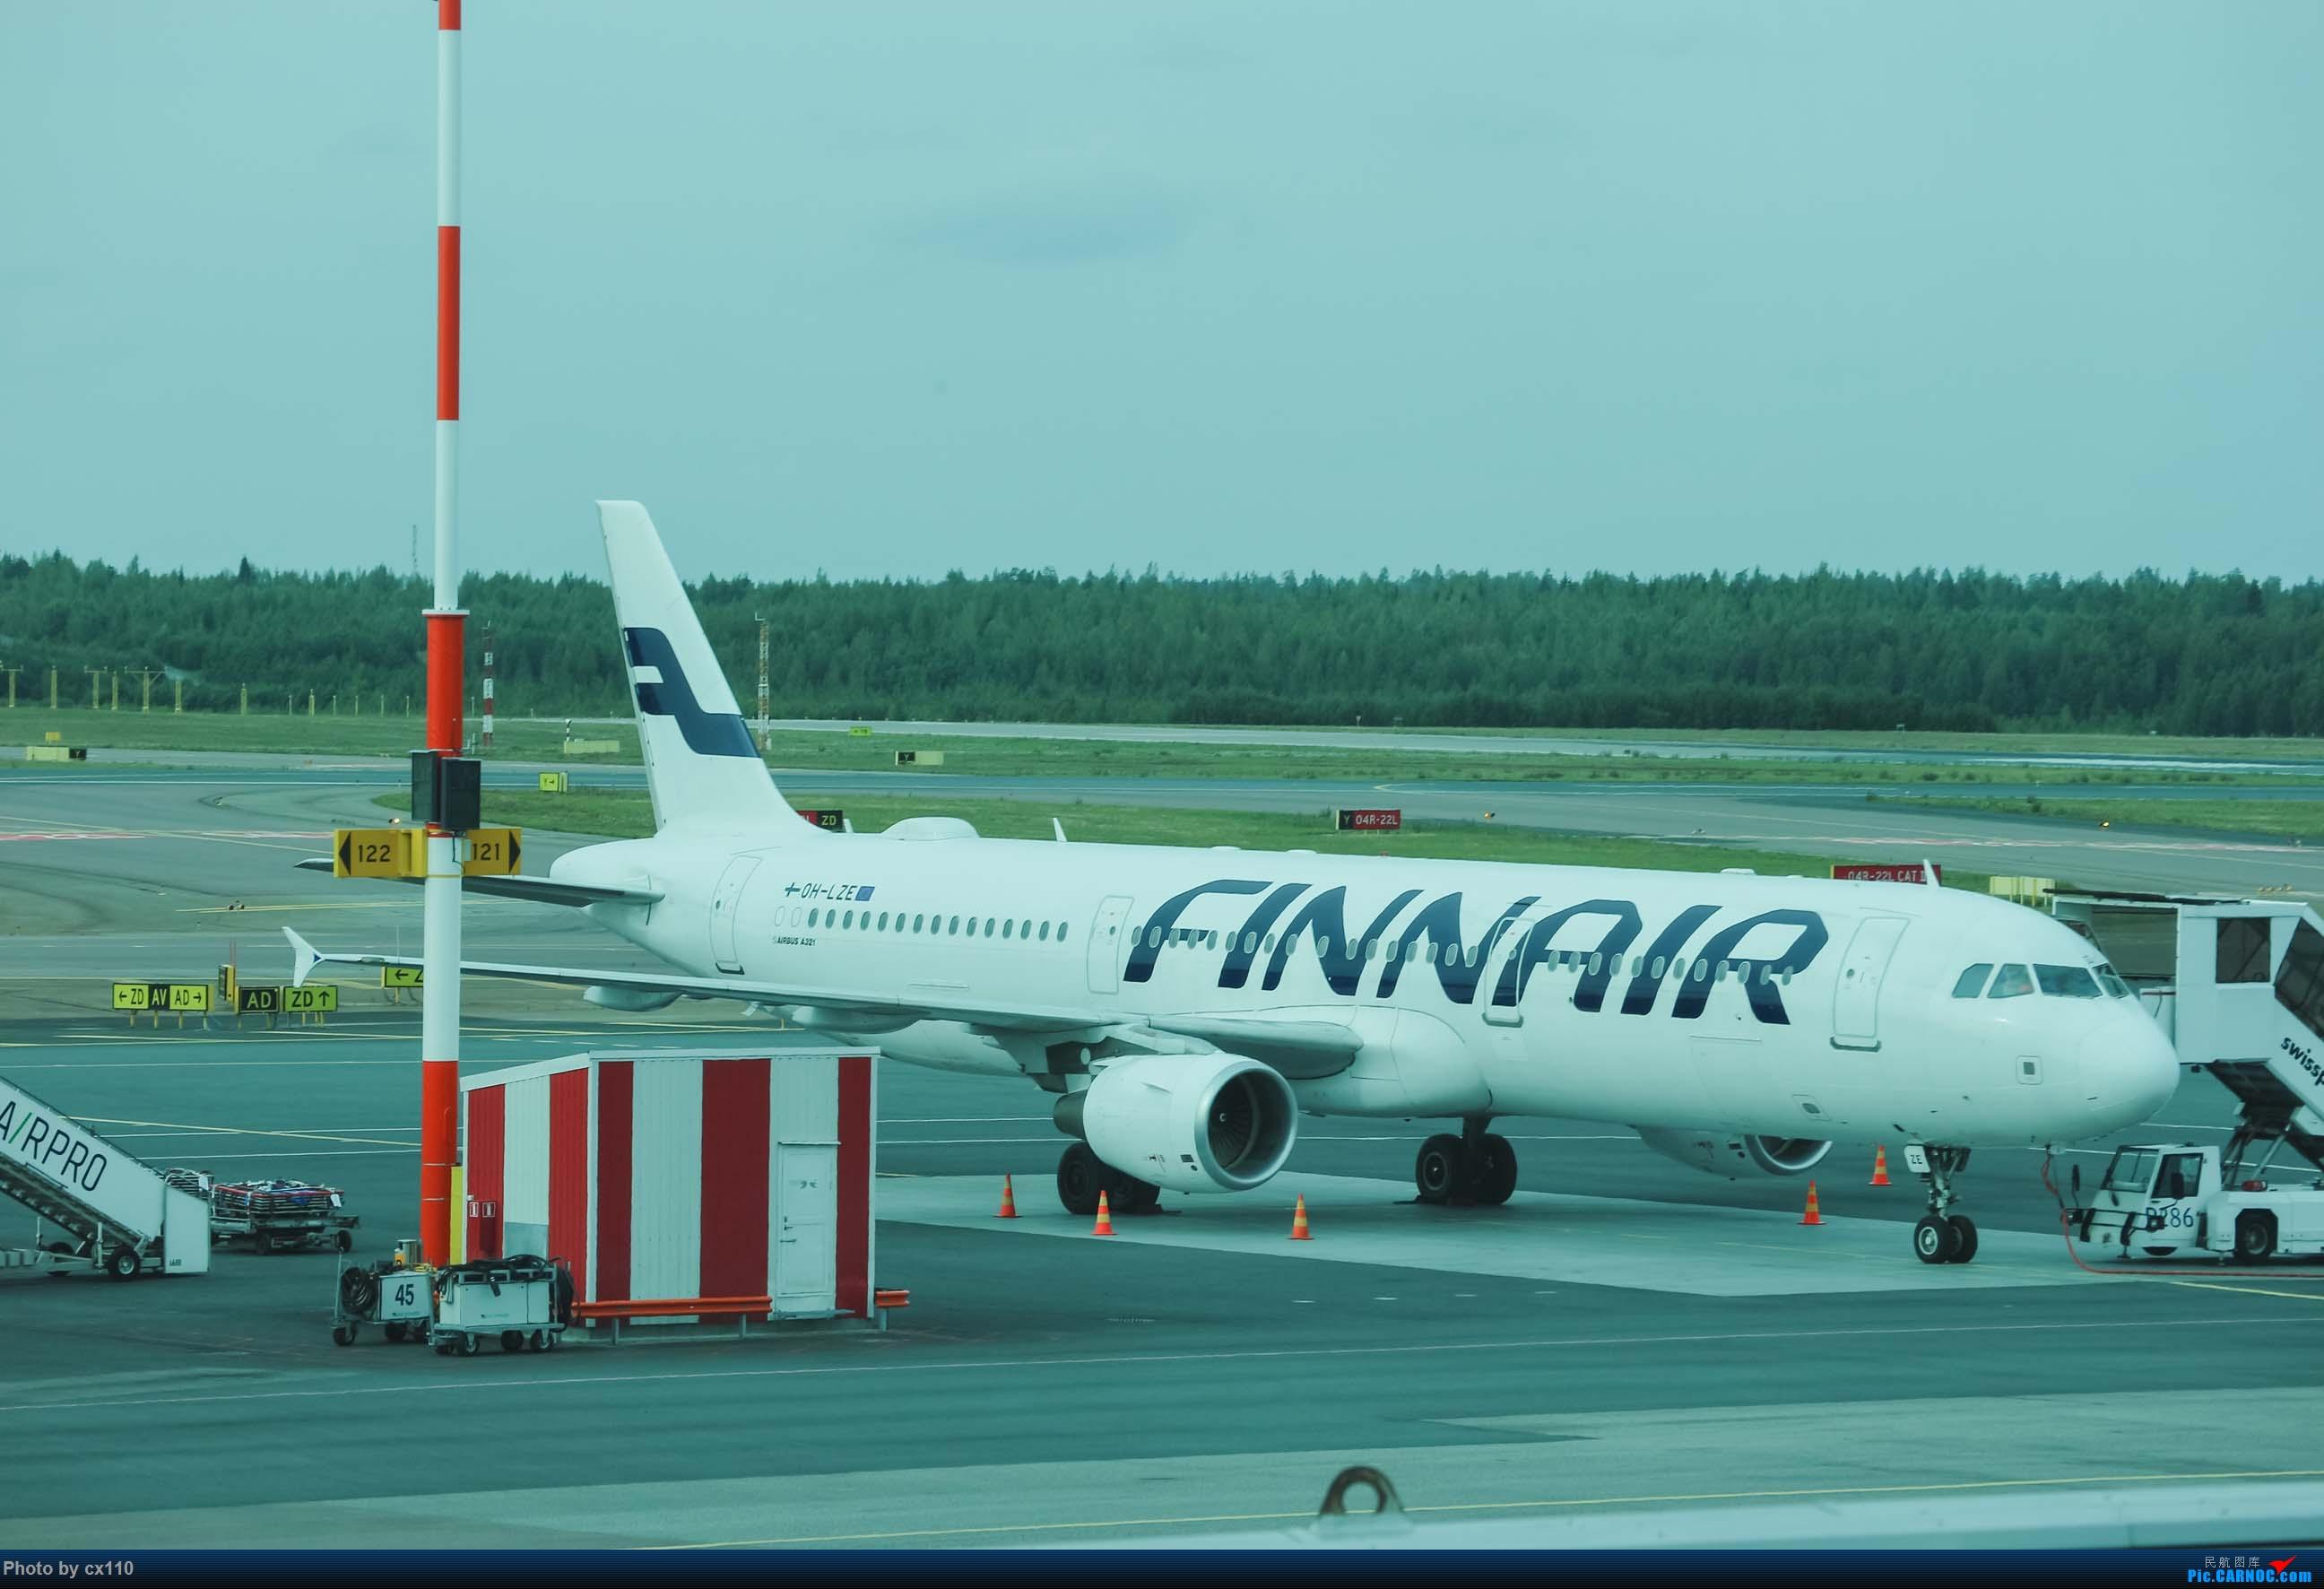 Re:[原创]欧洲机场拍机记-柏林/赫尔辛基/布拉格 AIRBUS A321 OH-LZE 芬兰赫尔辛基-万塔机场